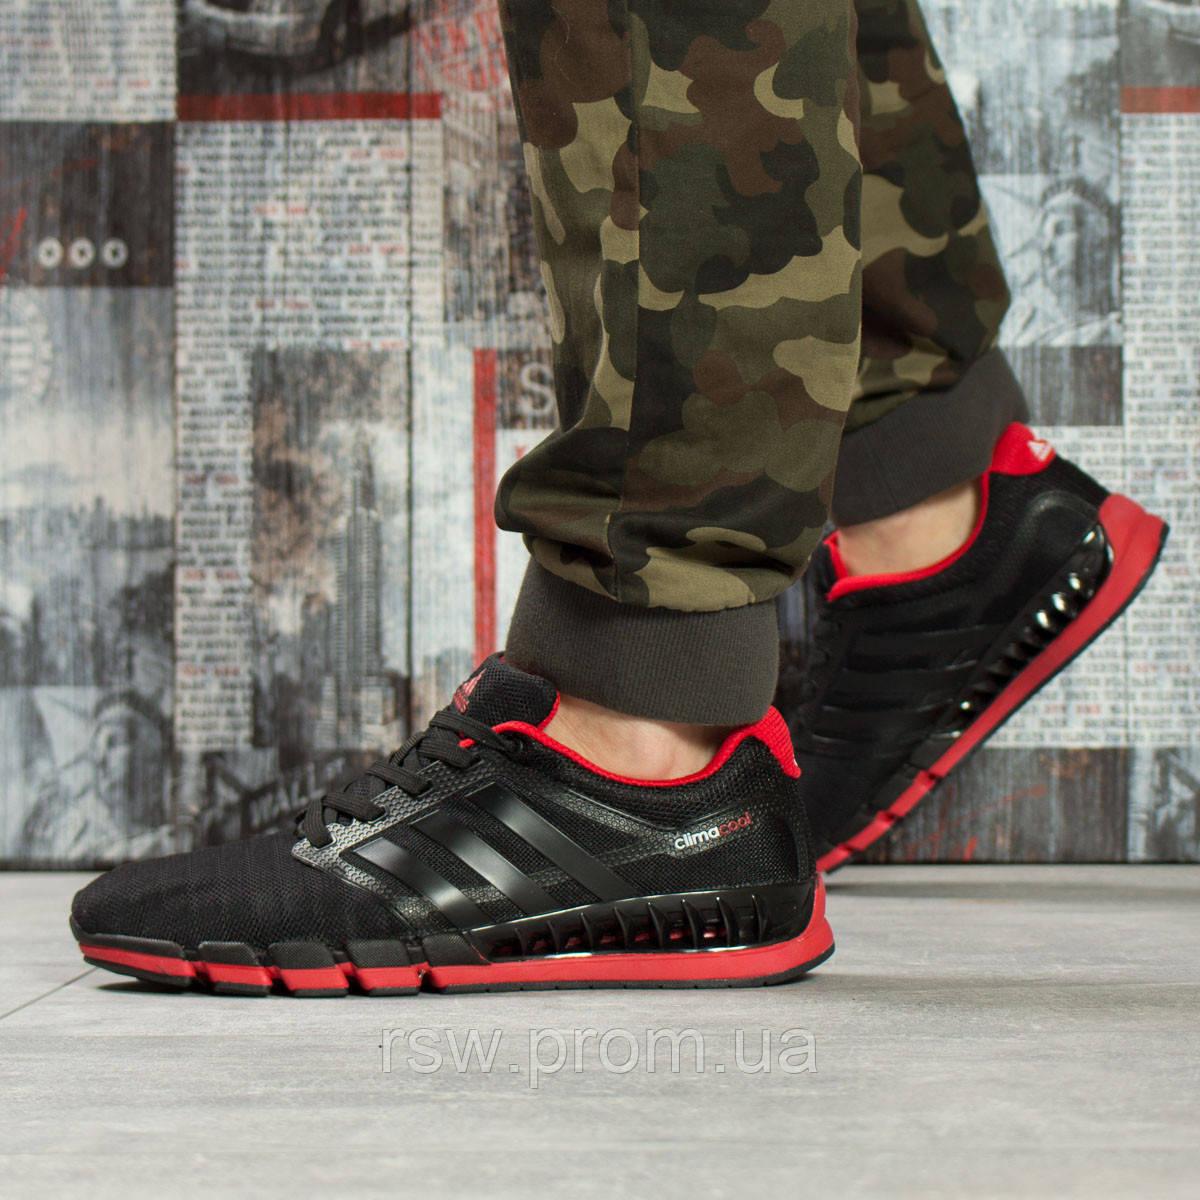 821fdce191e283 Кроссовки мужские Adidas Climacool, черные (16085) размеры в наличии ▻ [ 45  (